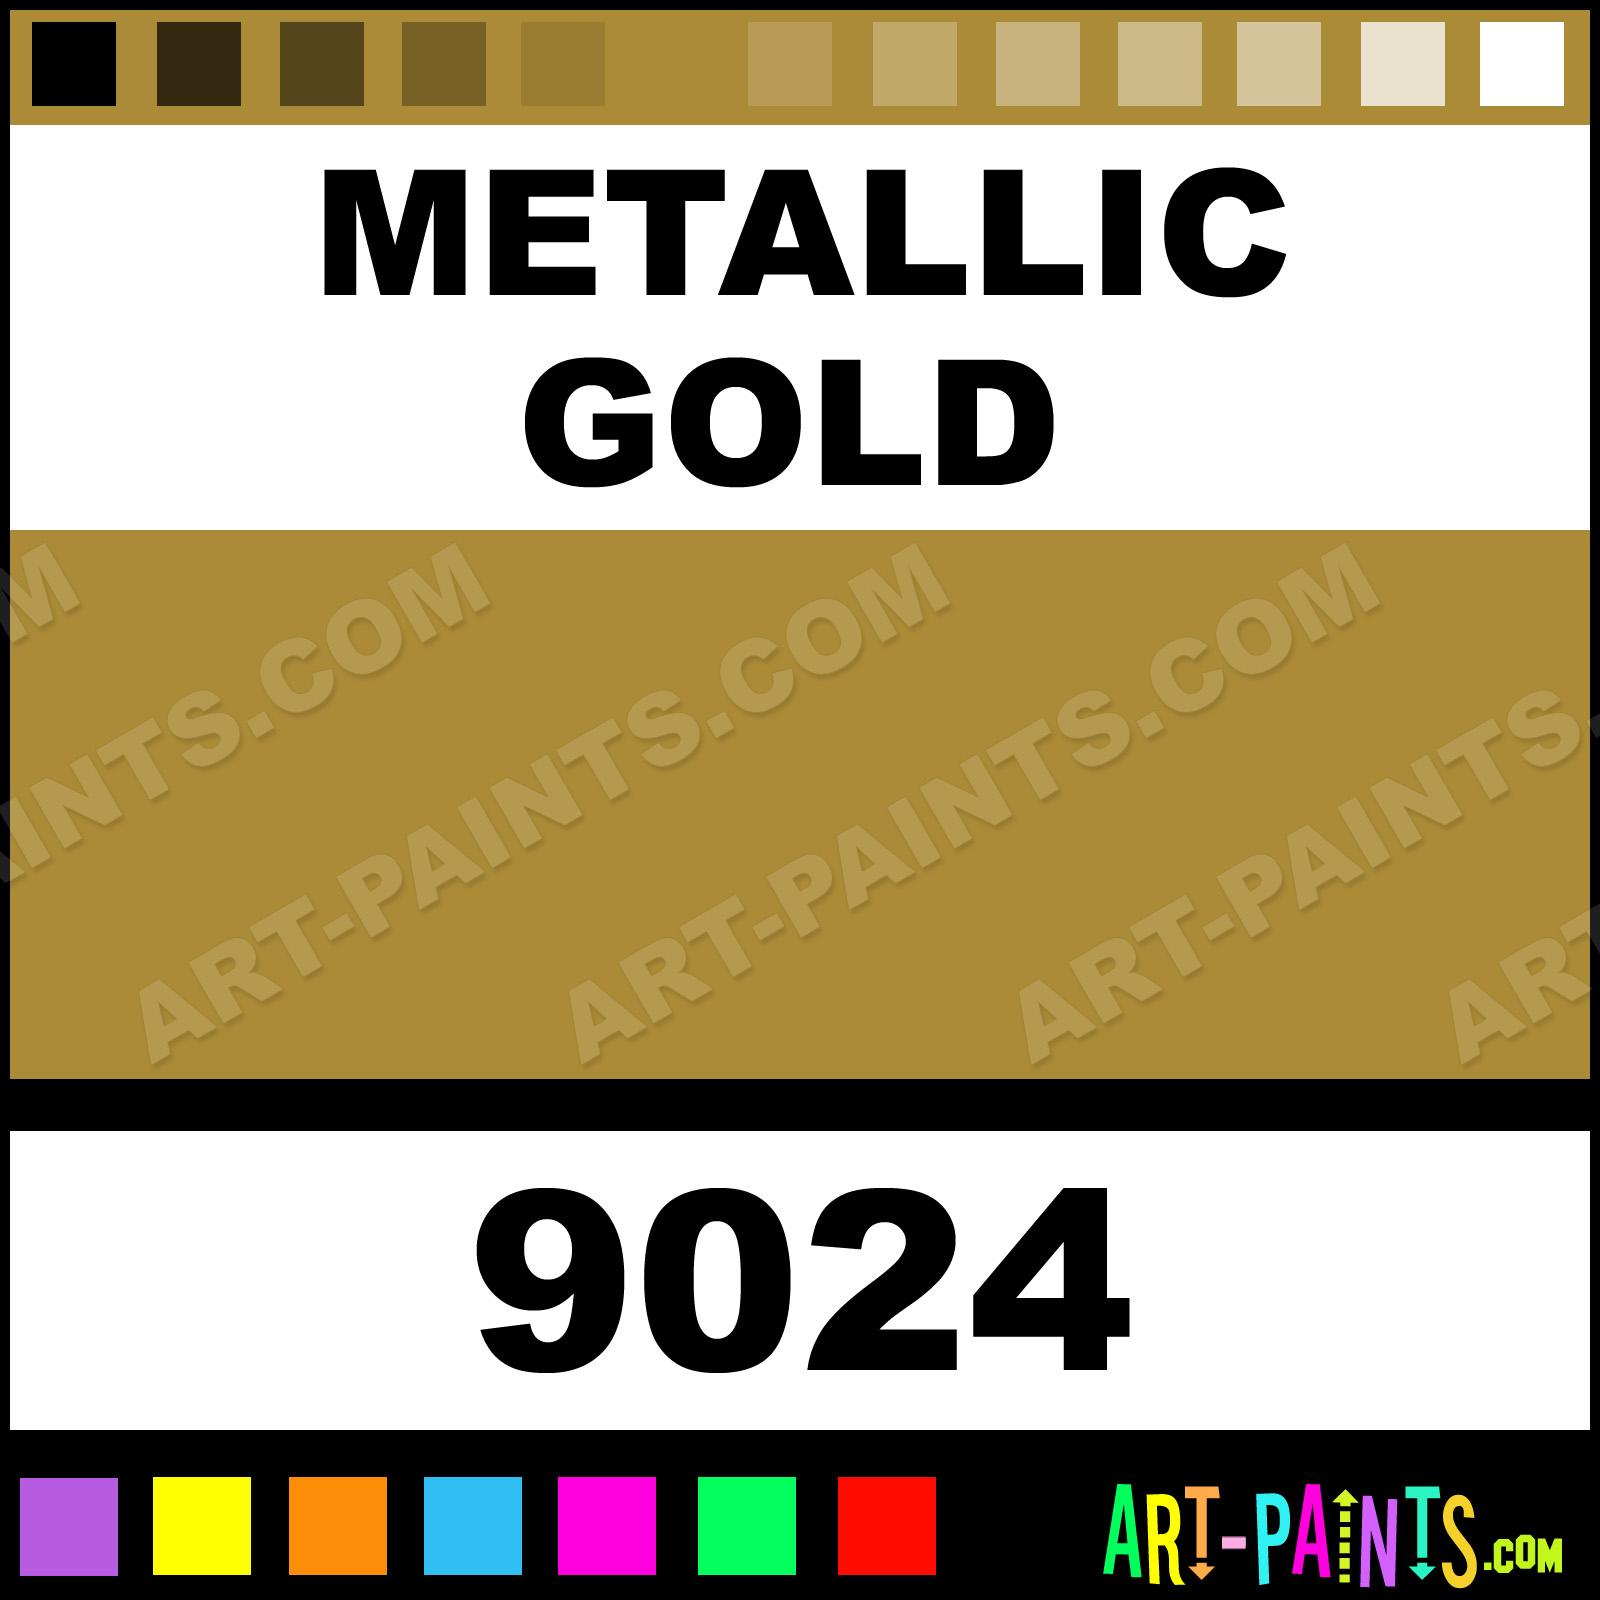 Metallic gold 1 shot enamel paints 9024 metallic gold paint metallic gold metallic gold paint nvjuhfo Images